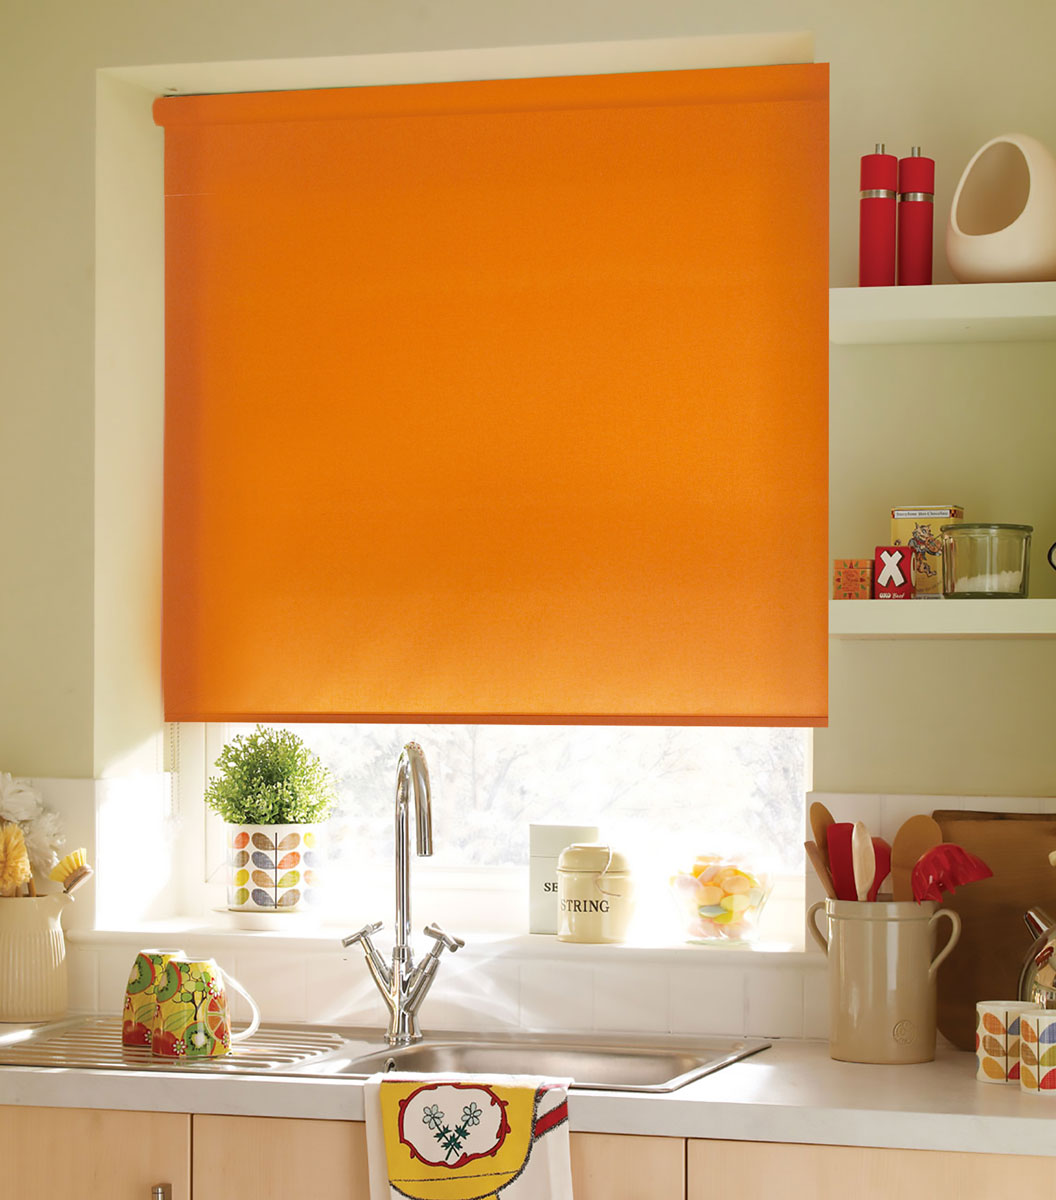 Штора рулонная KauffOrt Миниролло, цвет: оранжевый, ширина 37 см, высота 170 см3037203Рулонная штора KauffOrt Миниролло выполнена из высокопрочной ткани, которая сохраняет свой размер даже при намокании. Ткань не выцветает и обладает отличной цветоустойчивостью.Миниролло - это подвид рулонных штор, который закрывает не весь оконный проем, а непосредственно само стекло. Такие шторы крепятся на раму без сверления при помощи зажимов или клейкой двухсторонней ленты (в комплекте). Окно остается на гарантии, благодаря монтажу без сверления. Такая штора станет прекрасным элементом декора окна и гармонично впишется в интерьер любого помещения.